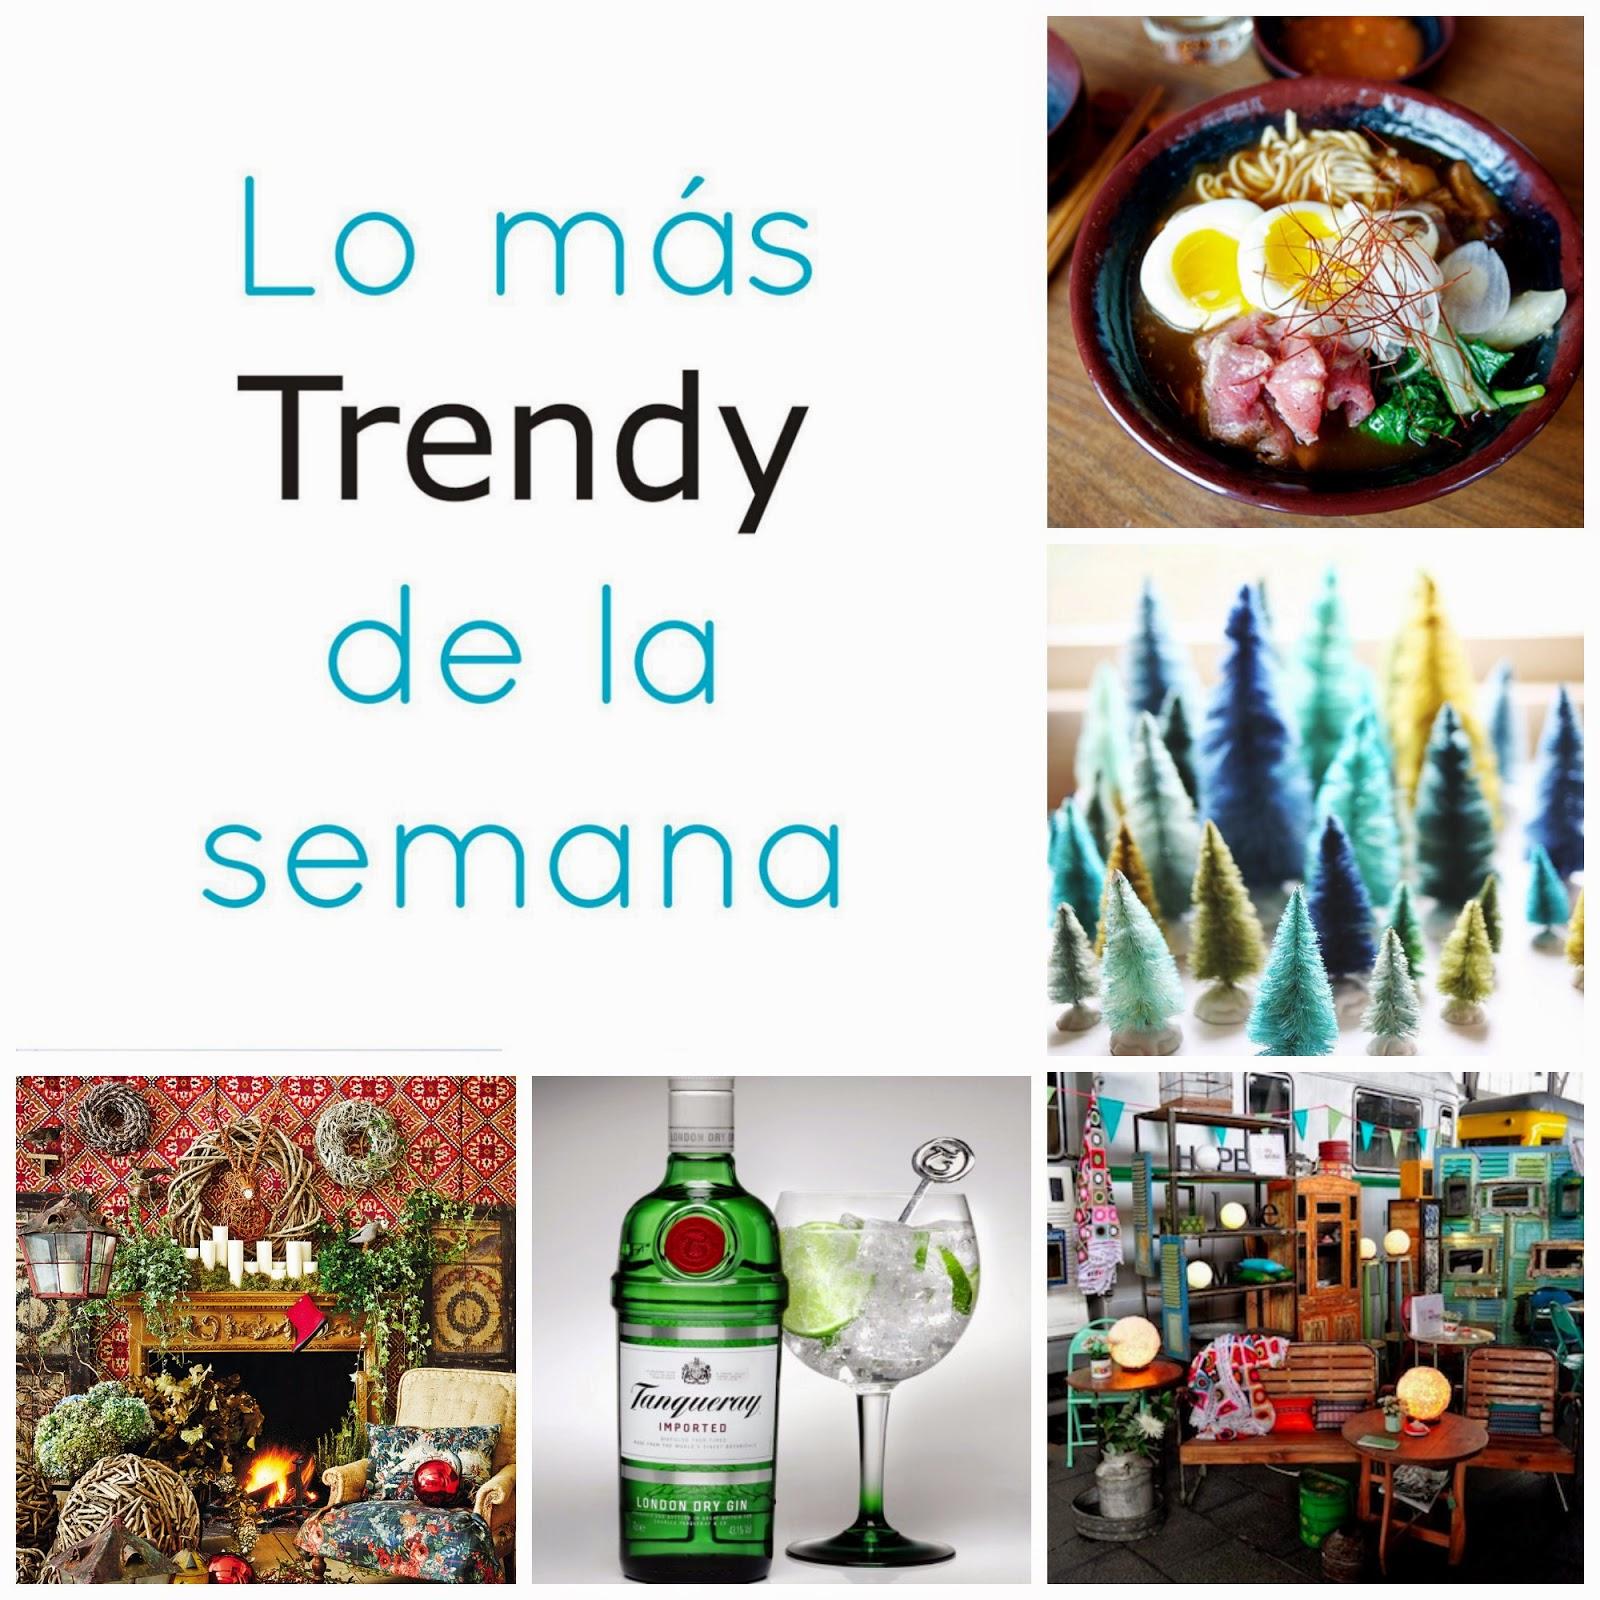 Navideño planes Madrid recomendaciones tendencias dyi manualidades decoracion mercados mercadillos regalos detalles originales